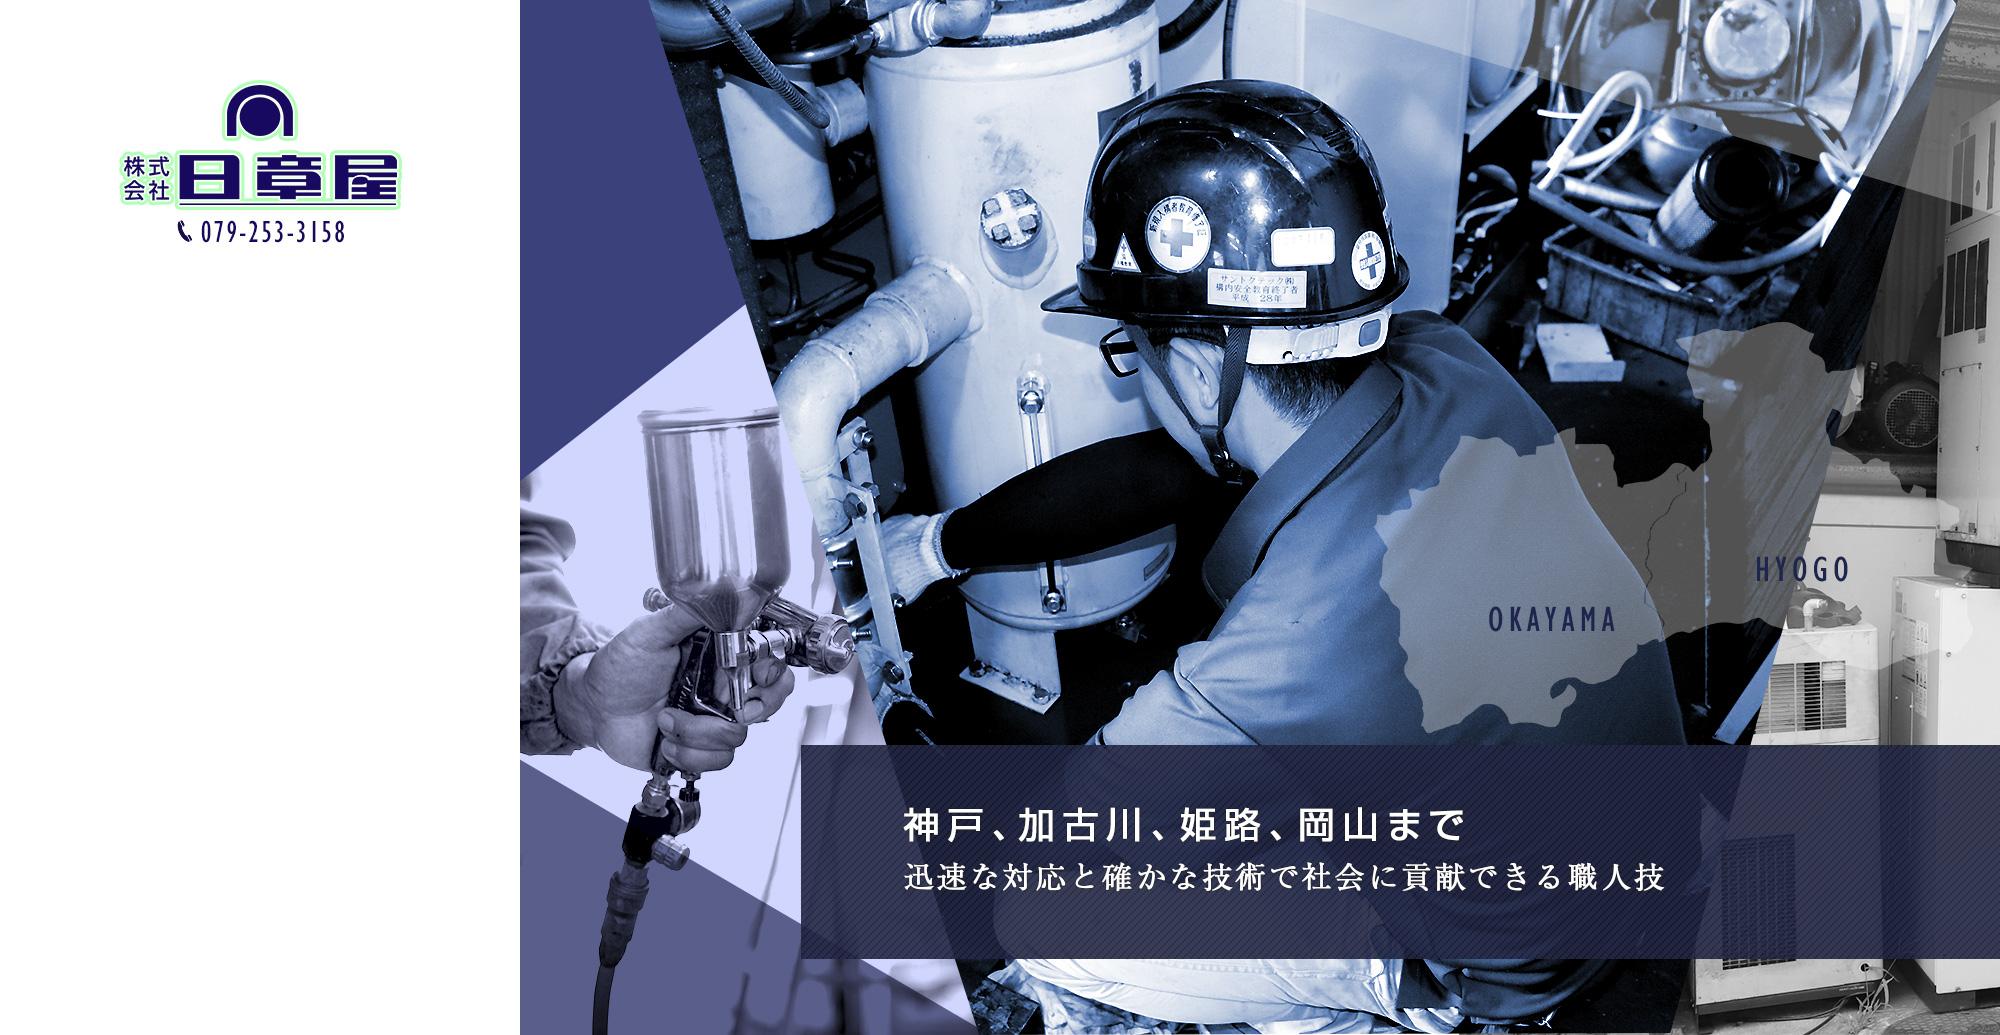 神戸、加古川、姫路、岡山まで 迅速な対応と確かな技術で社会に貢献できる職人技